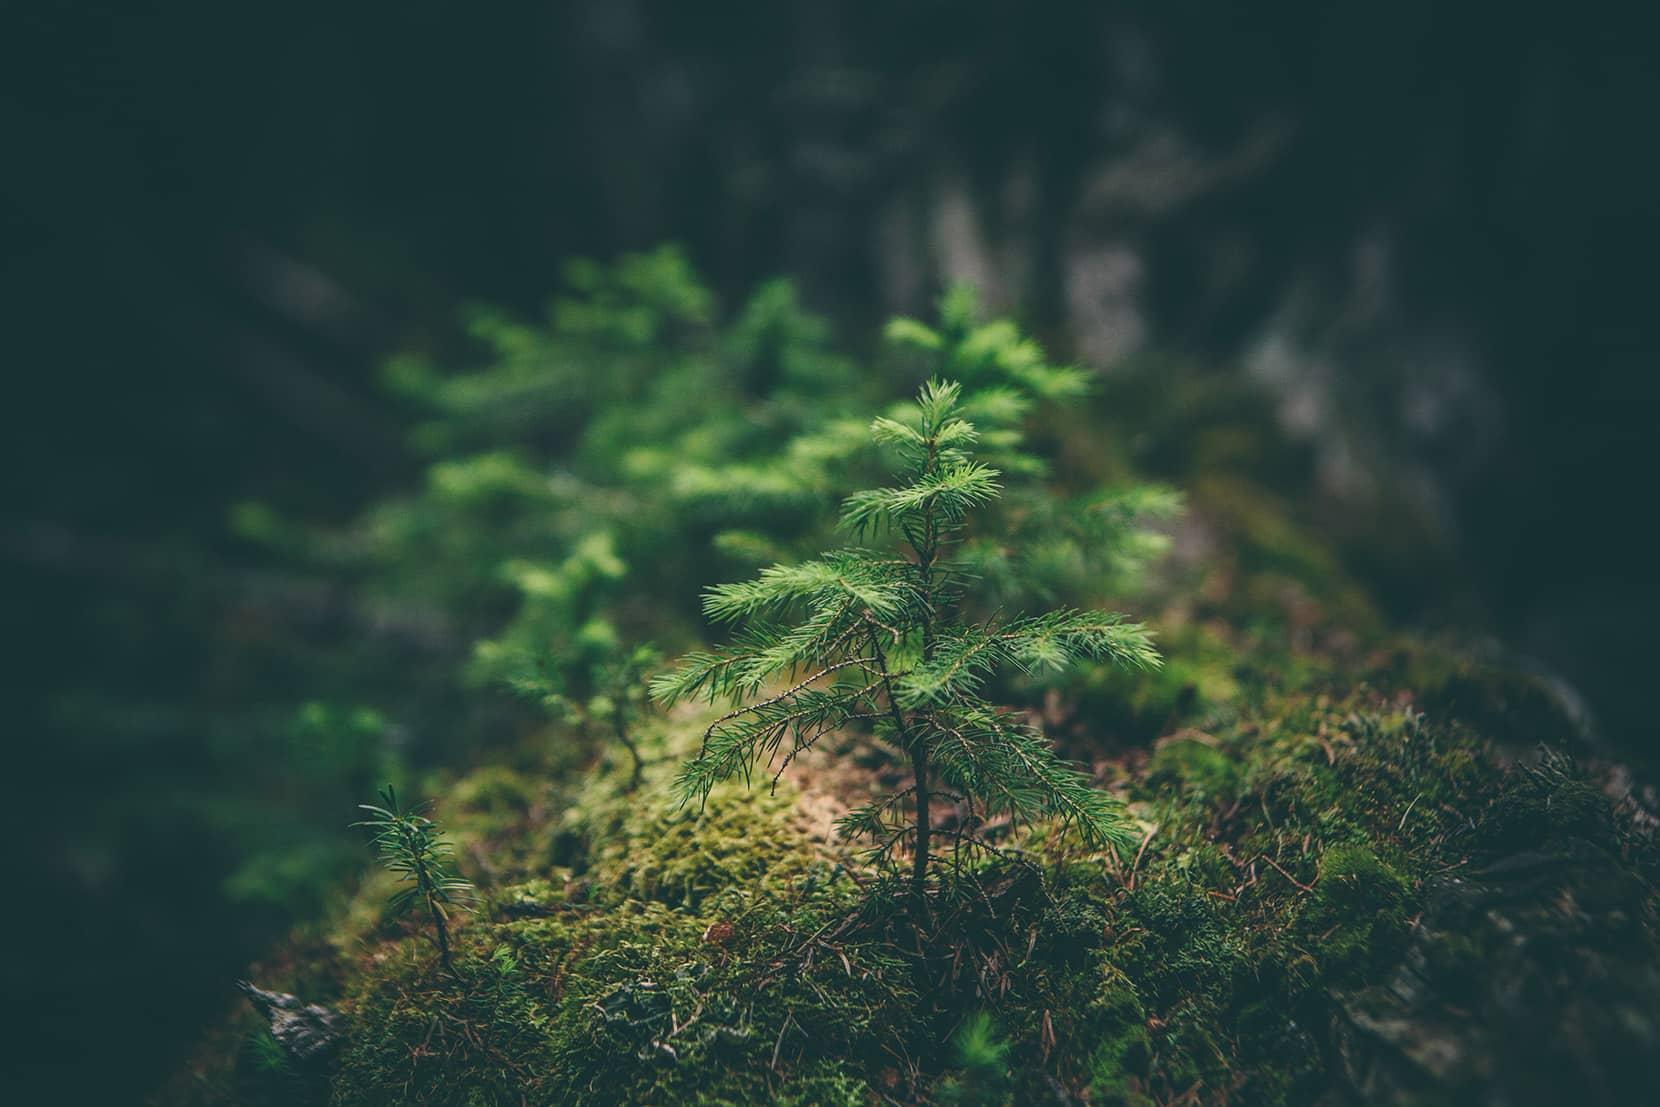 Laforêt - Reboisement forestier et enrichissement